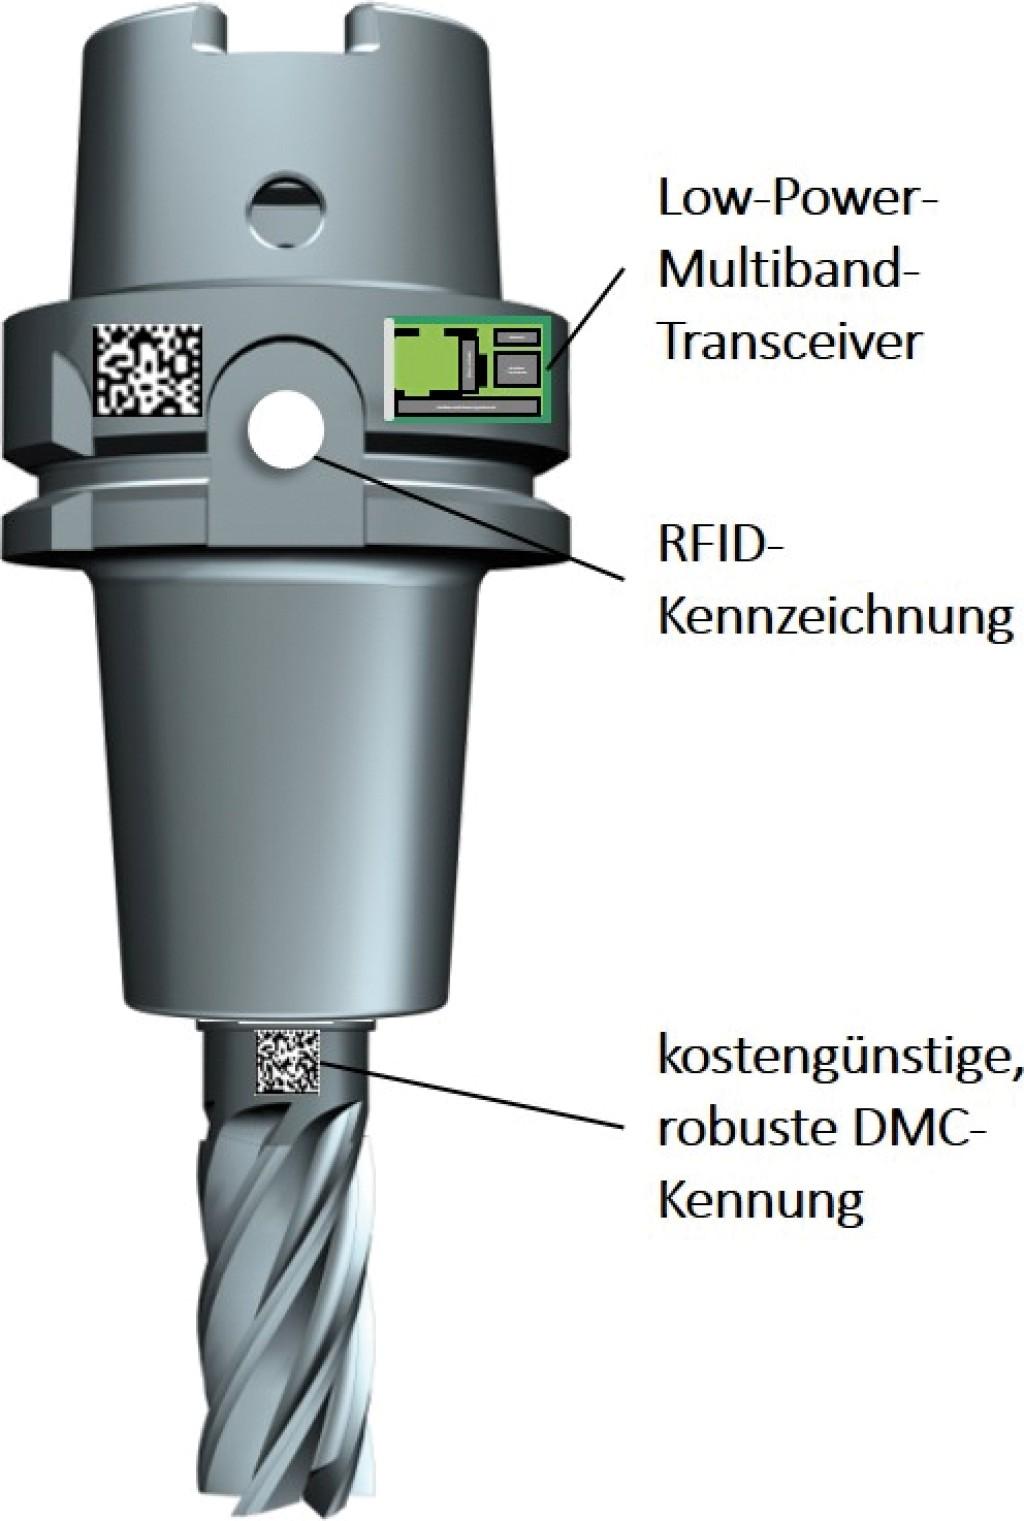 Das intelligente Werkzeugsystem besteht aus einem Werkzeug mit DMC-Kennung sowie Werkzeughalter mit RFID-Kennzeichnung und integrierter Sensorik, Logik- und Übertragungseinheit. Bild: PTW, TU Darmstadt